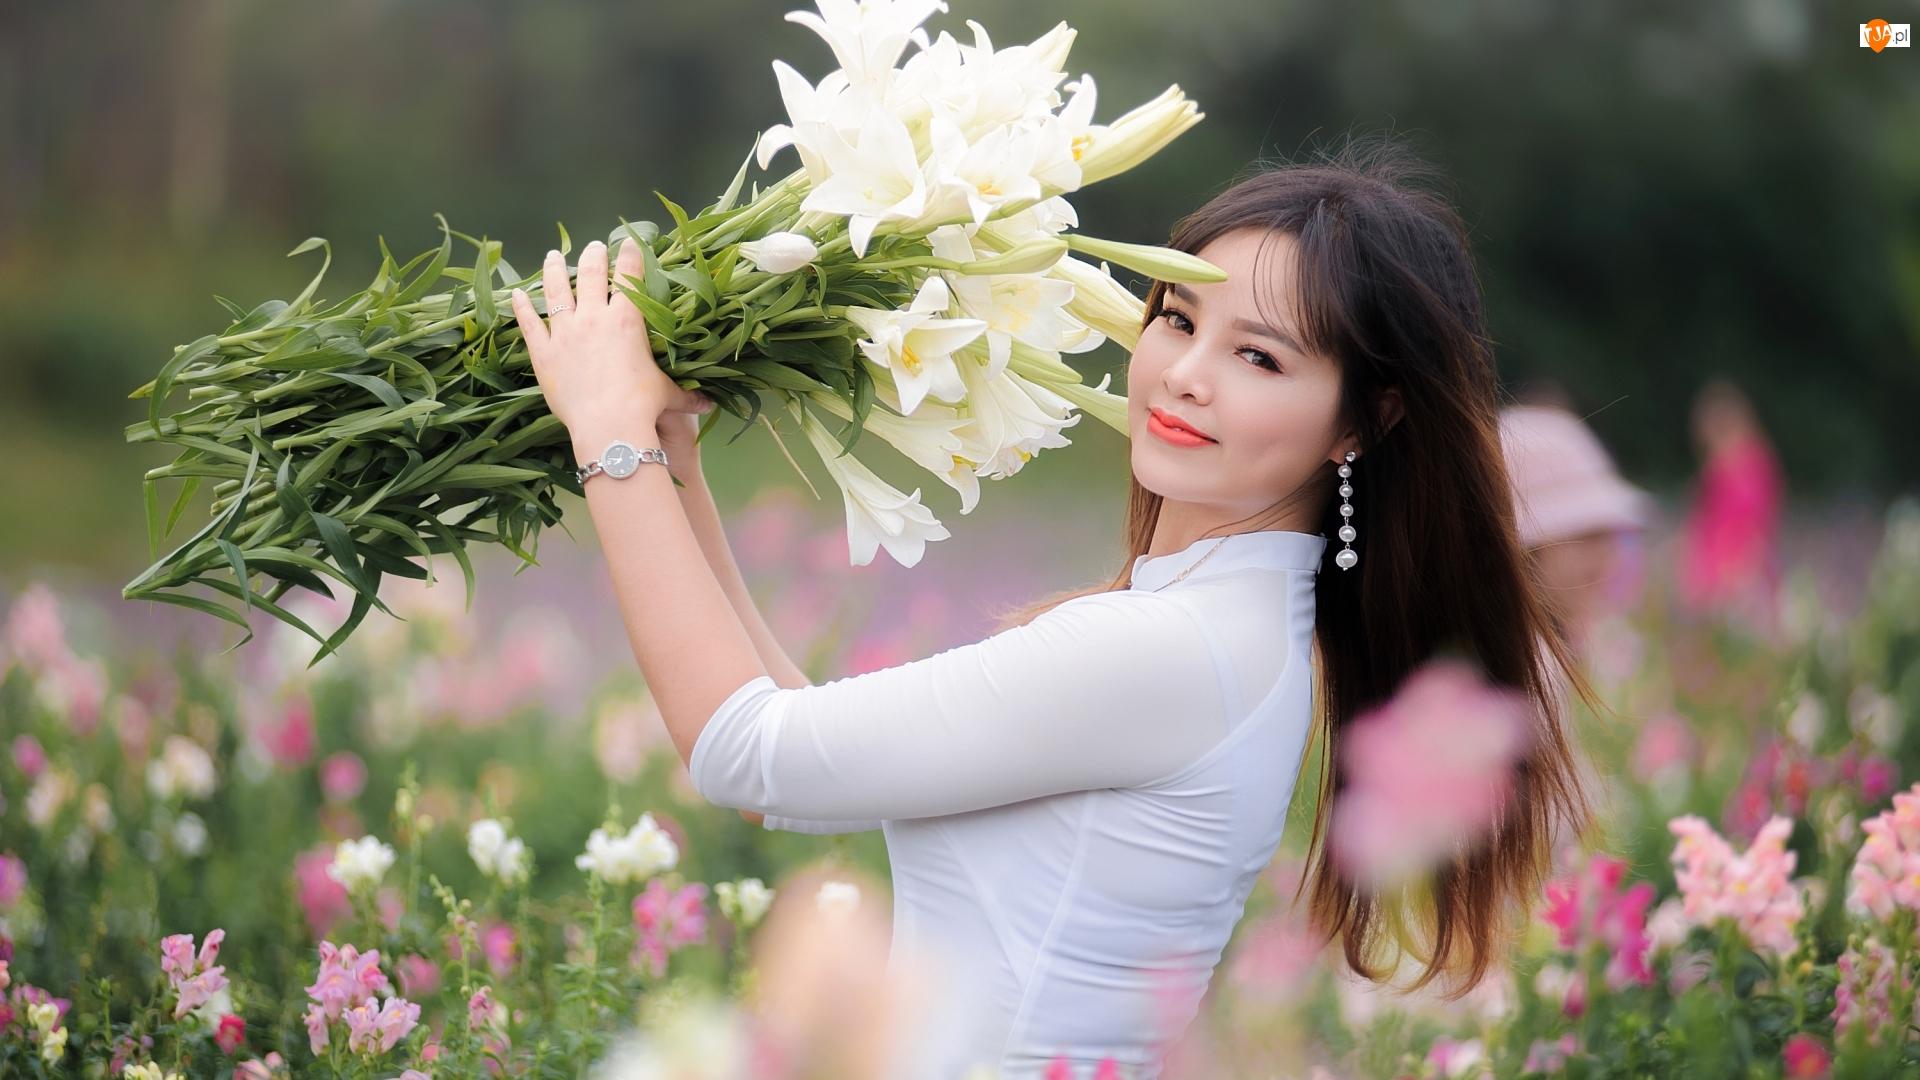 Kwiatów, Kobieta, Bluzka, Białe, Azjatka, Bukiet, Lilie, Biała